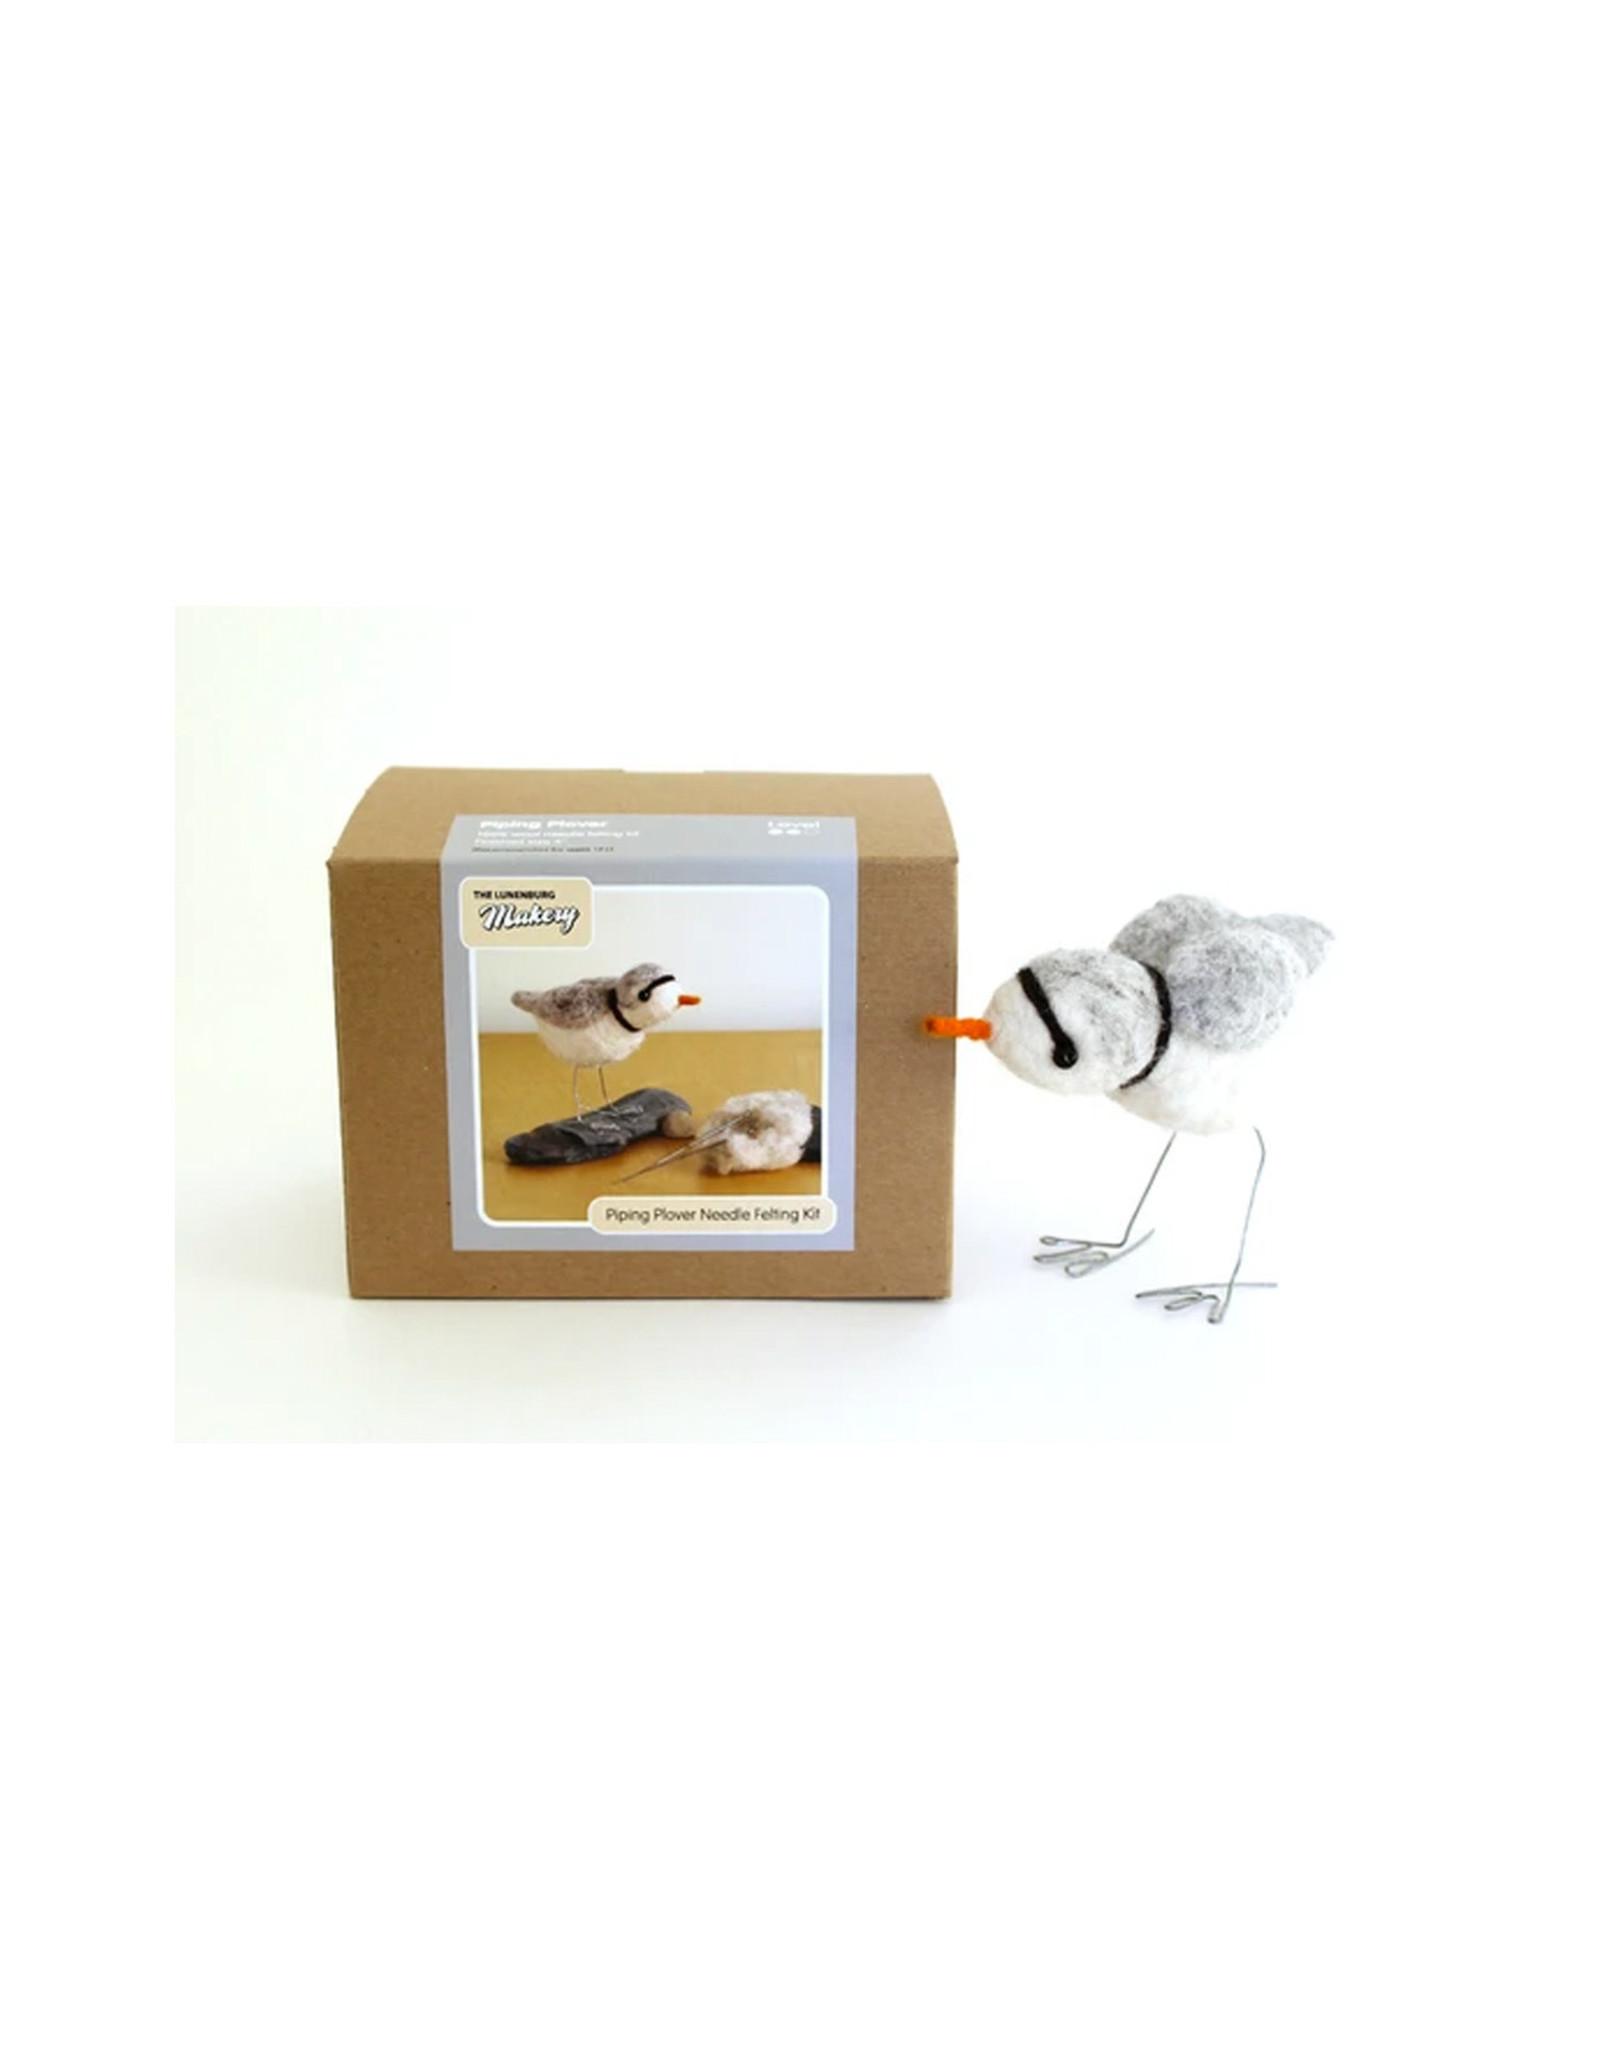 Lunenburg Makery Atlantic Piping Plover Boxed Felt Kit